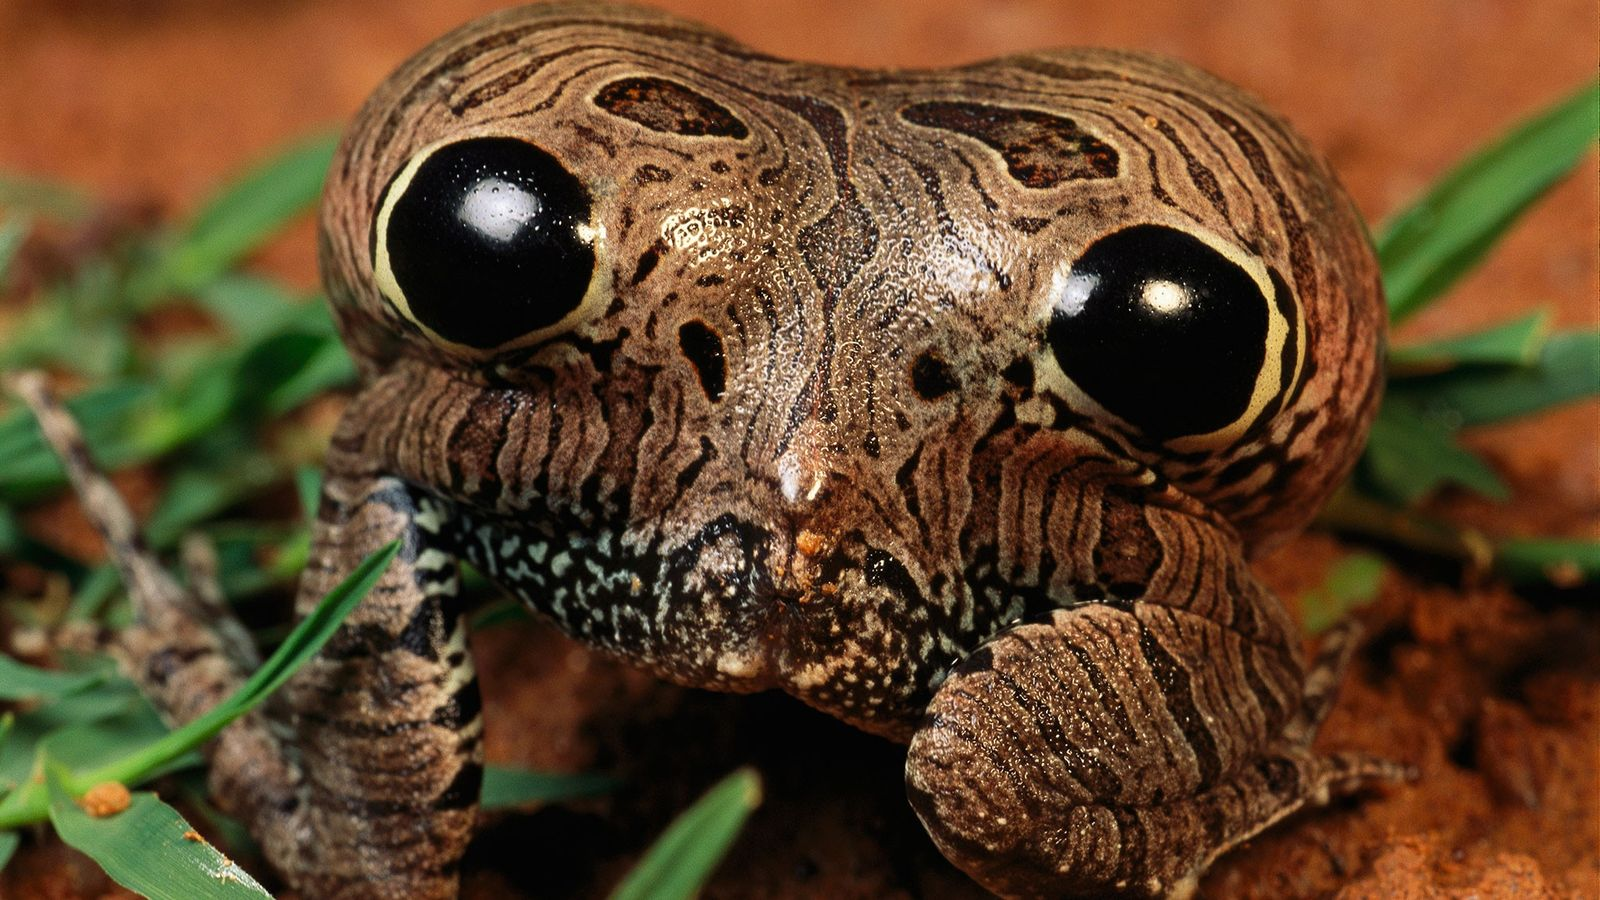 Ein Frosch der Art Physalaemus nattereri bläht sein Hinterteil auf, um Fressfeinde einzuschüchtern.